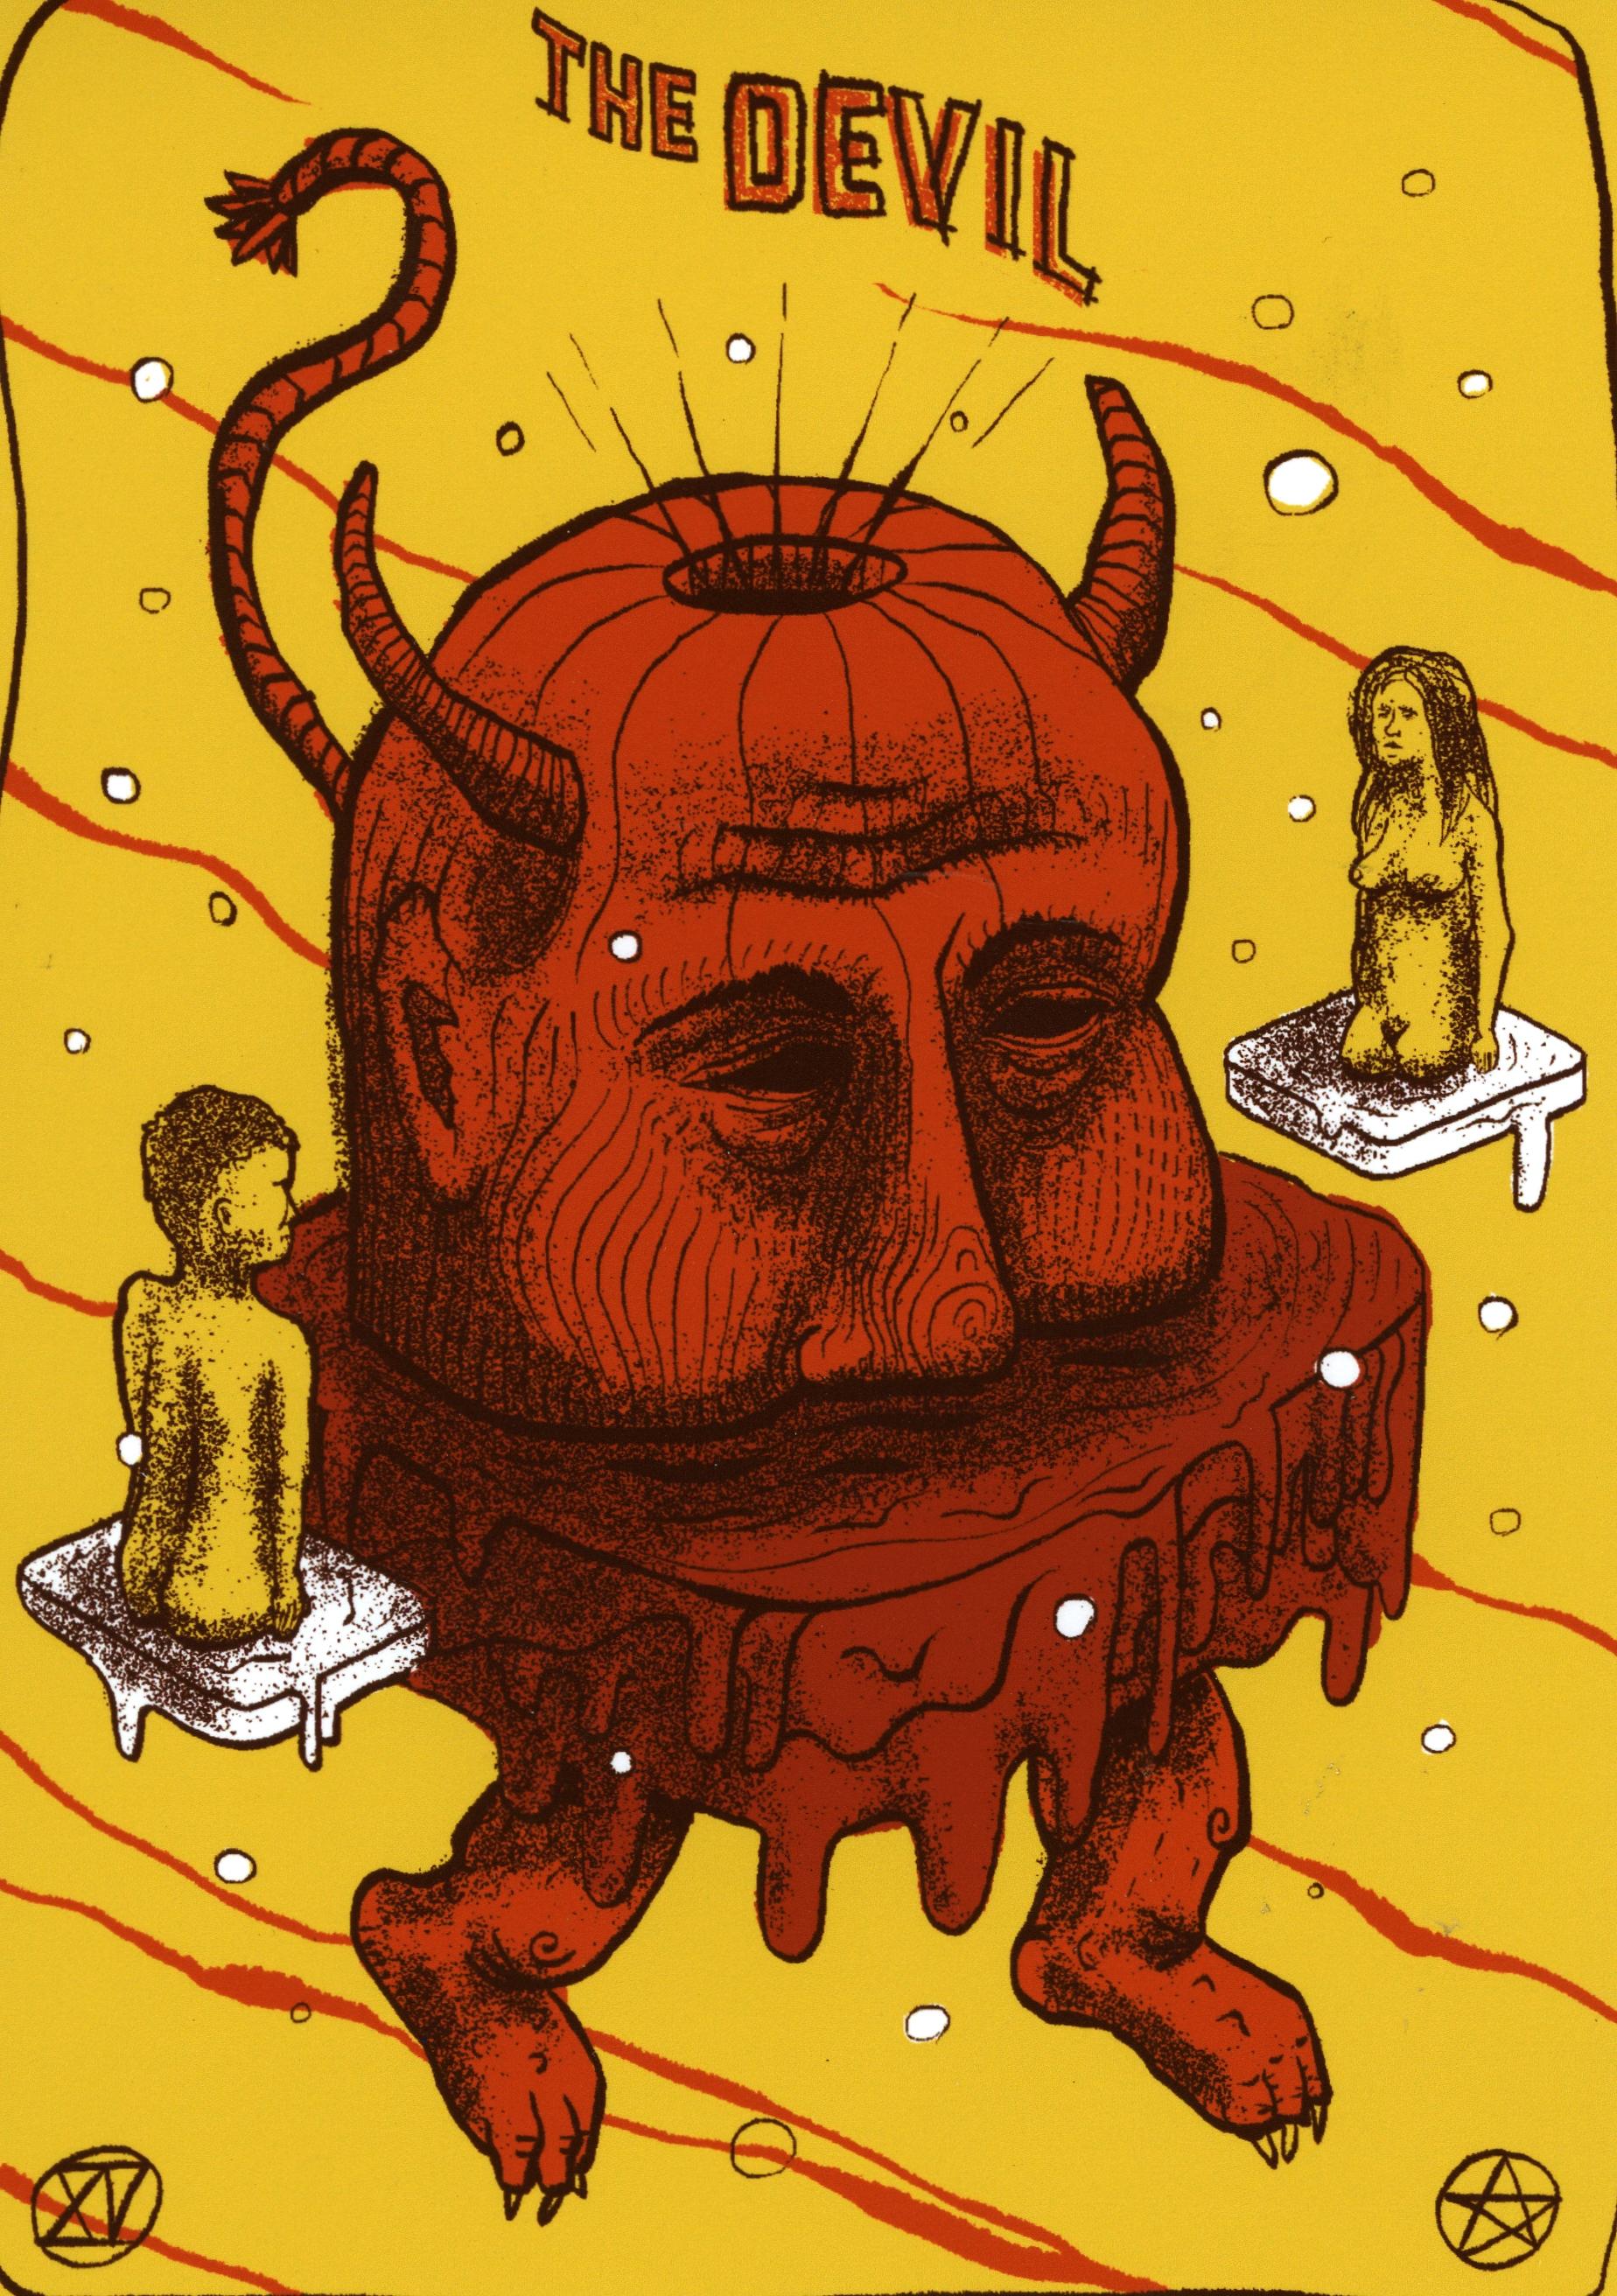 Benjamin Grzenia - The Devil